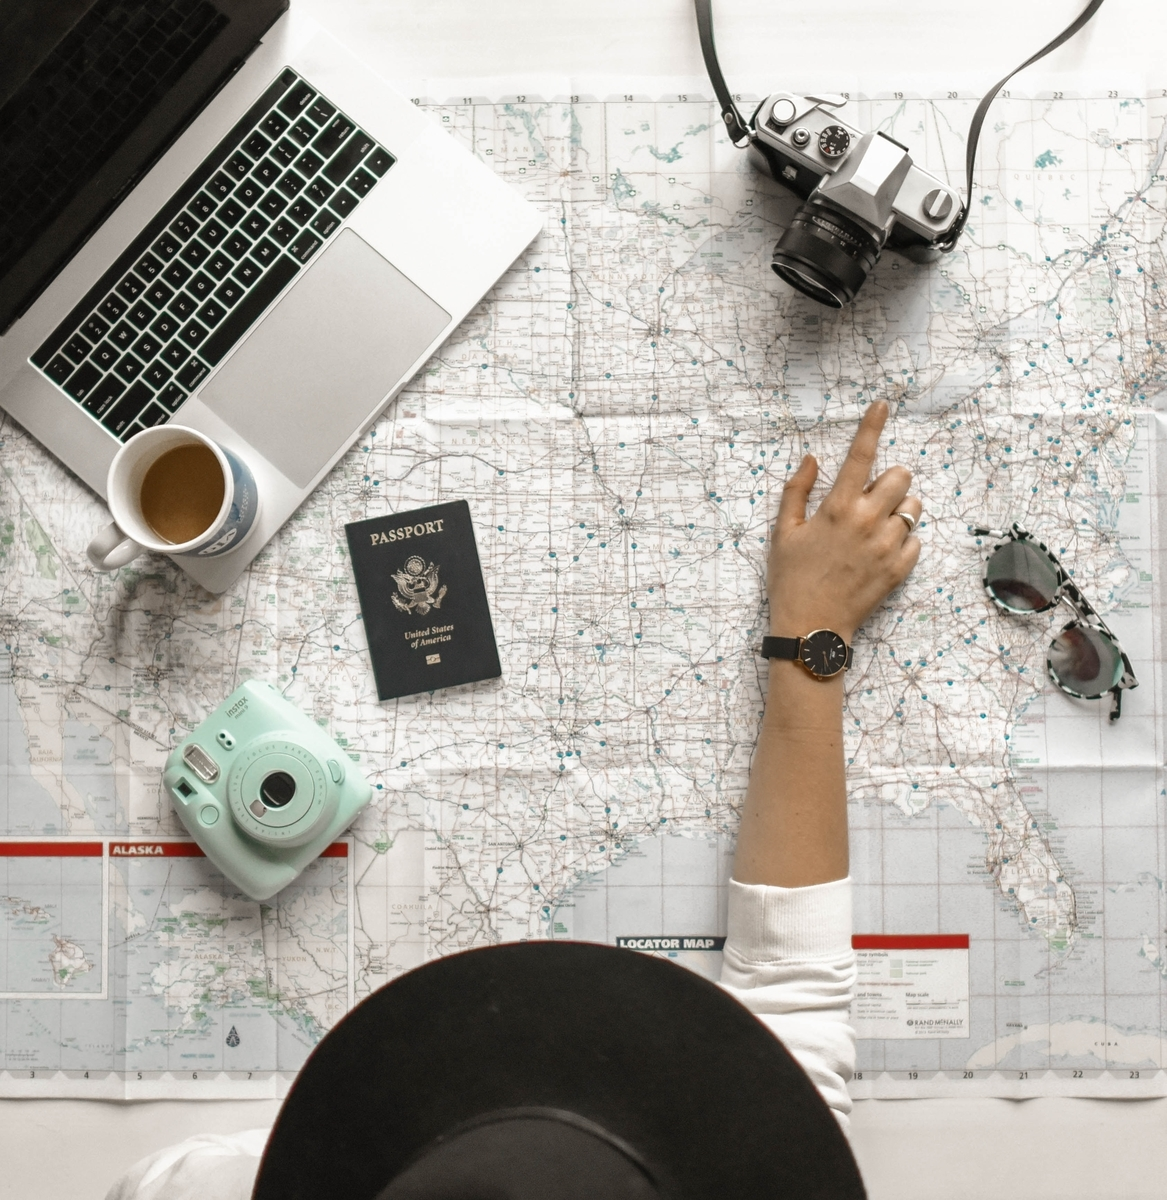 パスポートがネット申請出来るように!【2024年度から】【要点を要約】